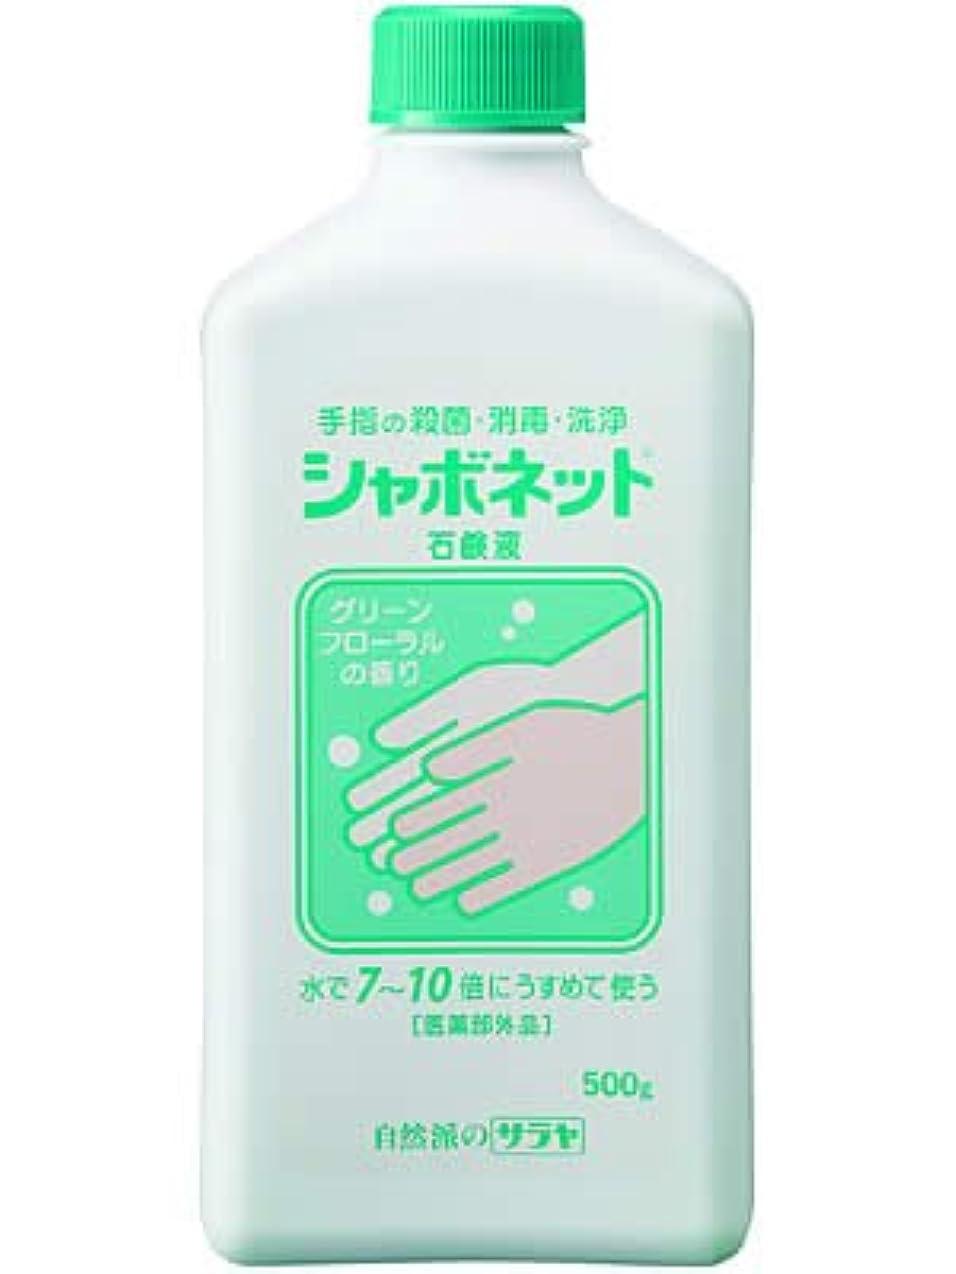 名詞爬虫類糞シャボネット 石鹸液 500g ×5個セット